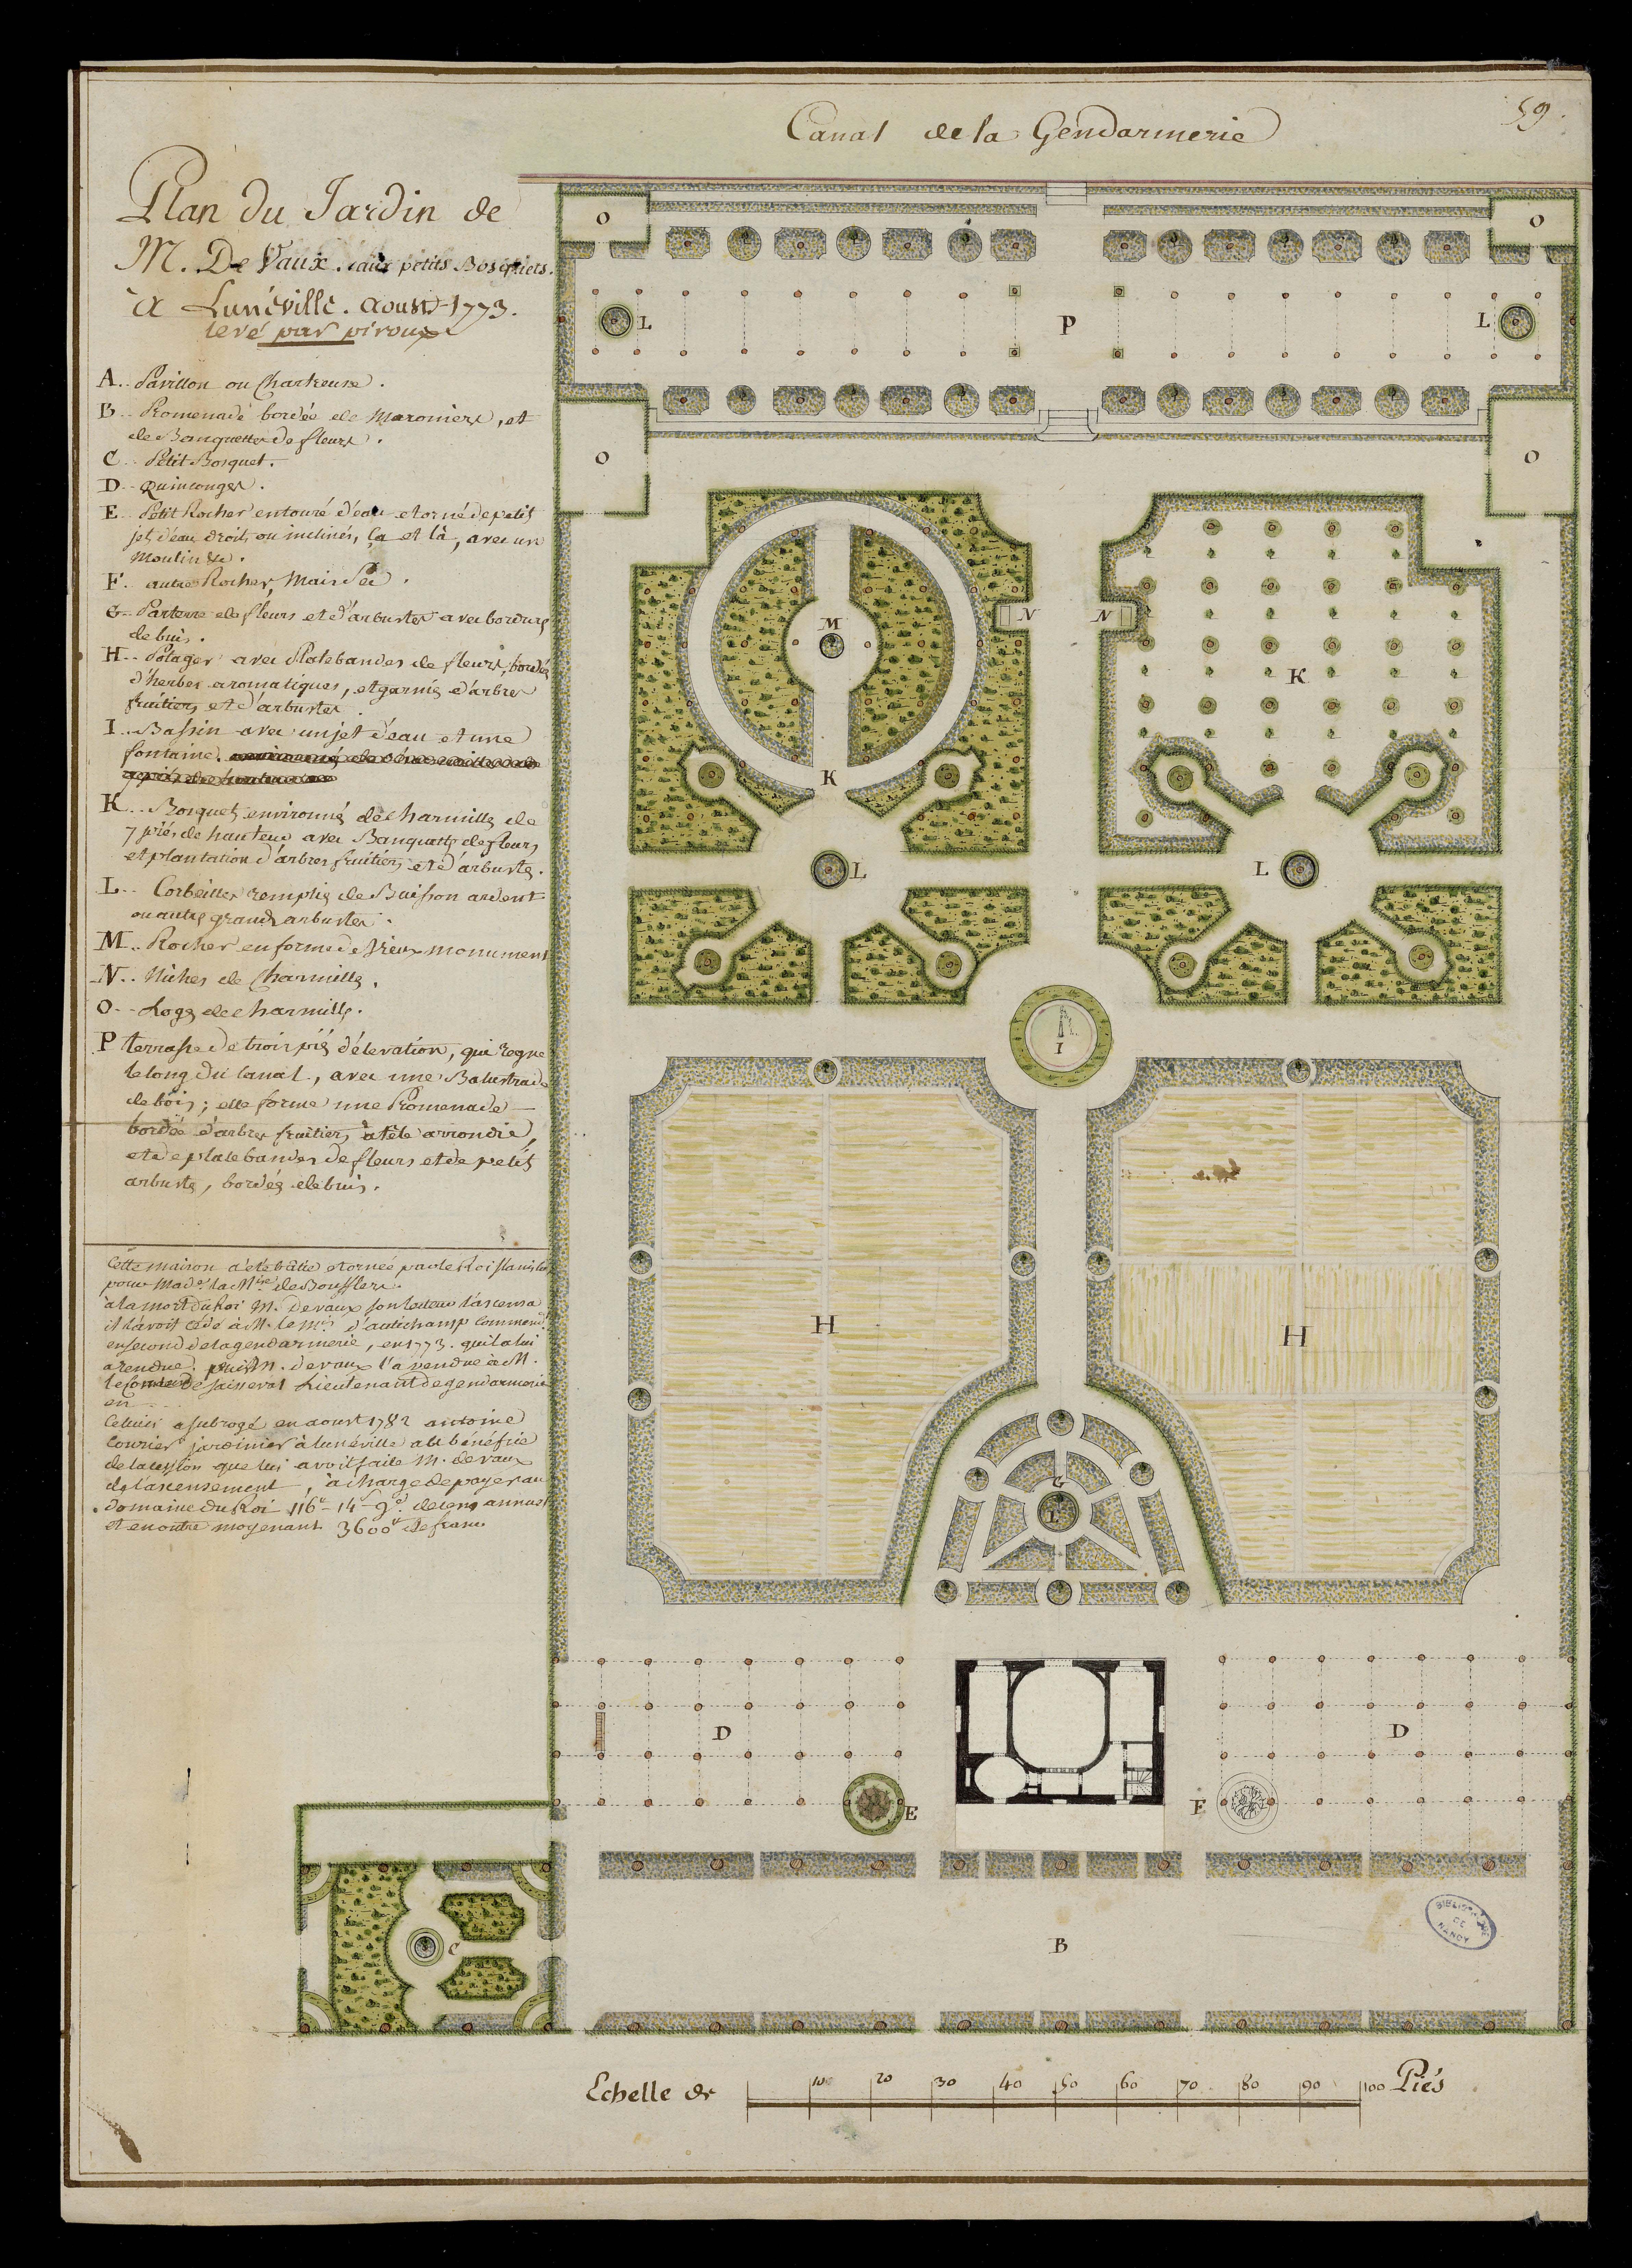 Contenu du Plan du jardin de M. De Vaux aux petits bosquets à Lunéville